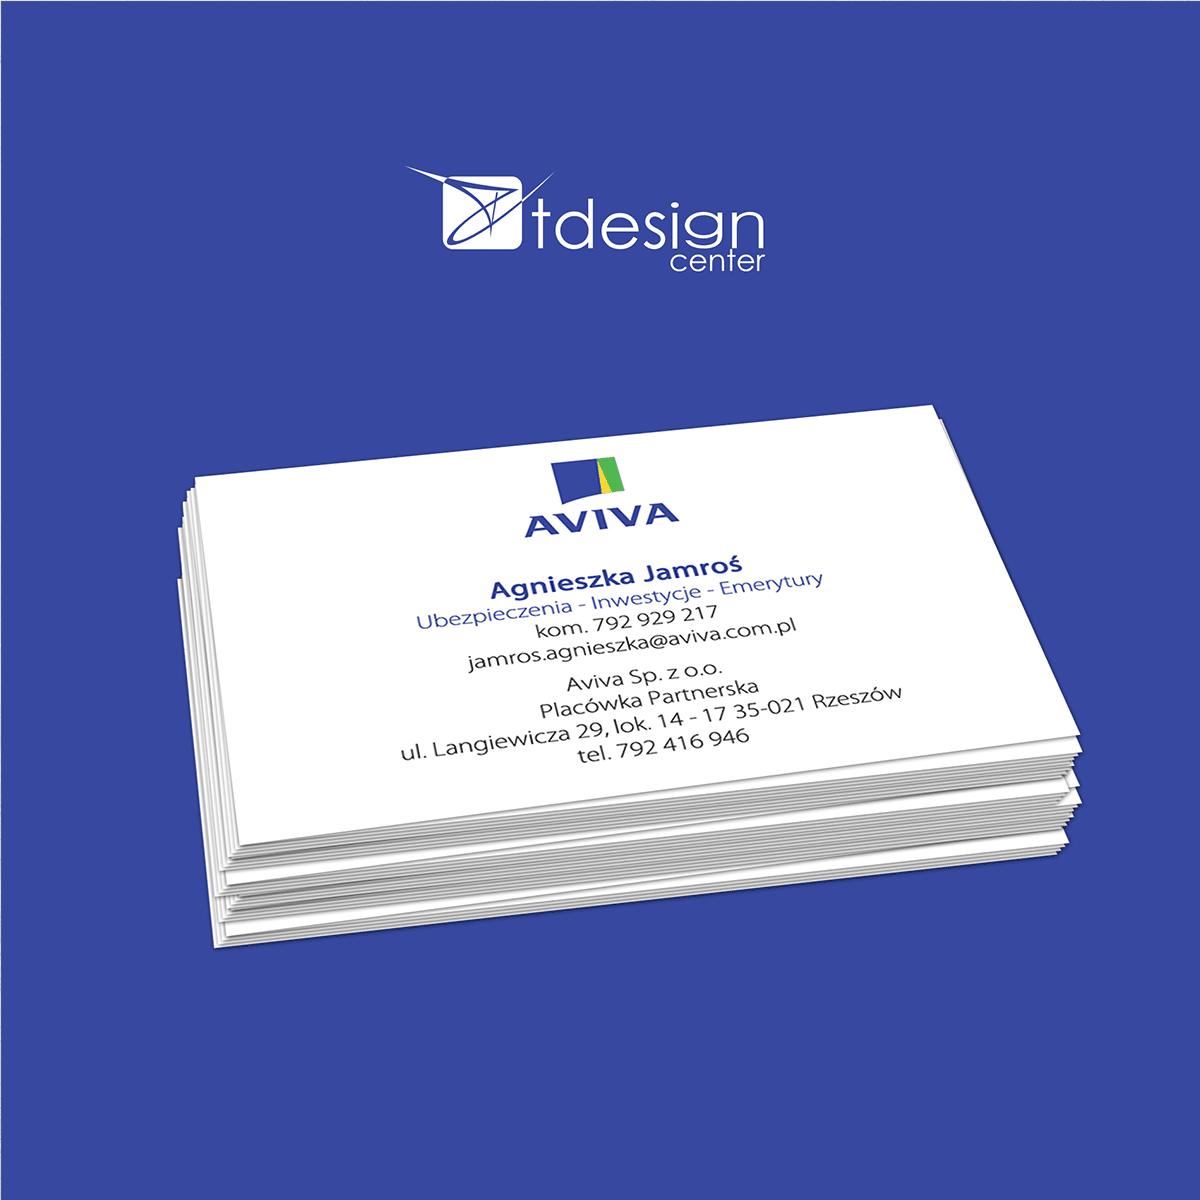 Wizytówki 90x50m, druk wykonany dla firmy Aviva